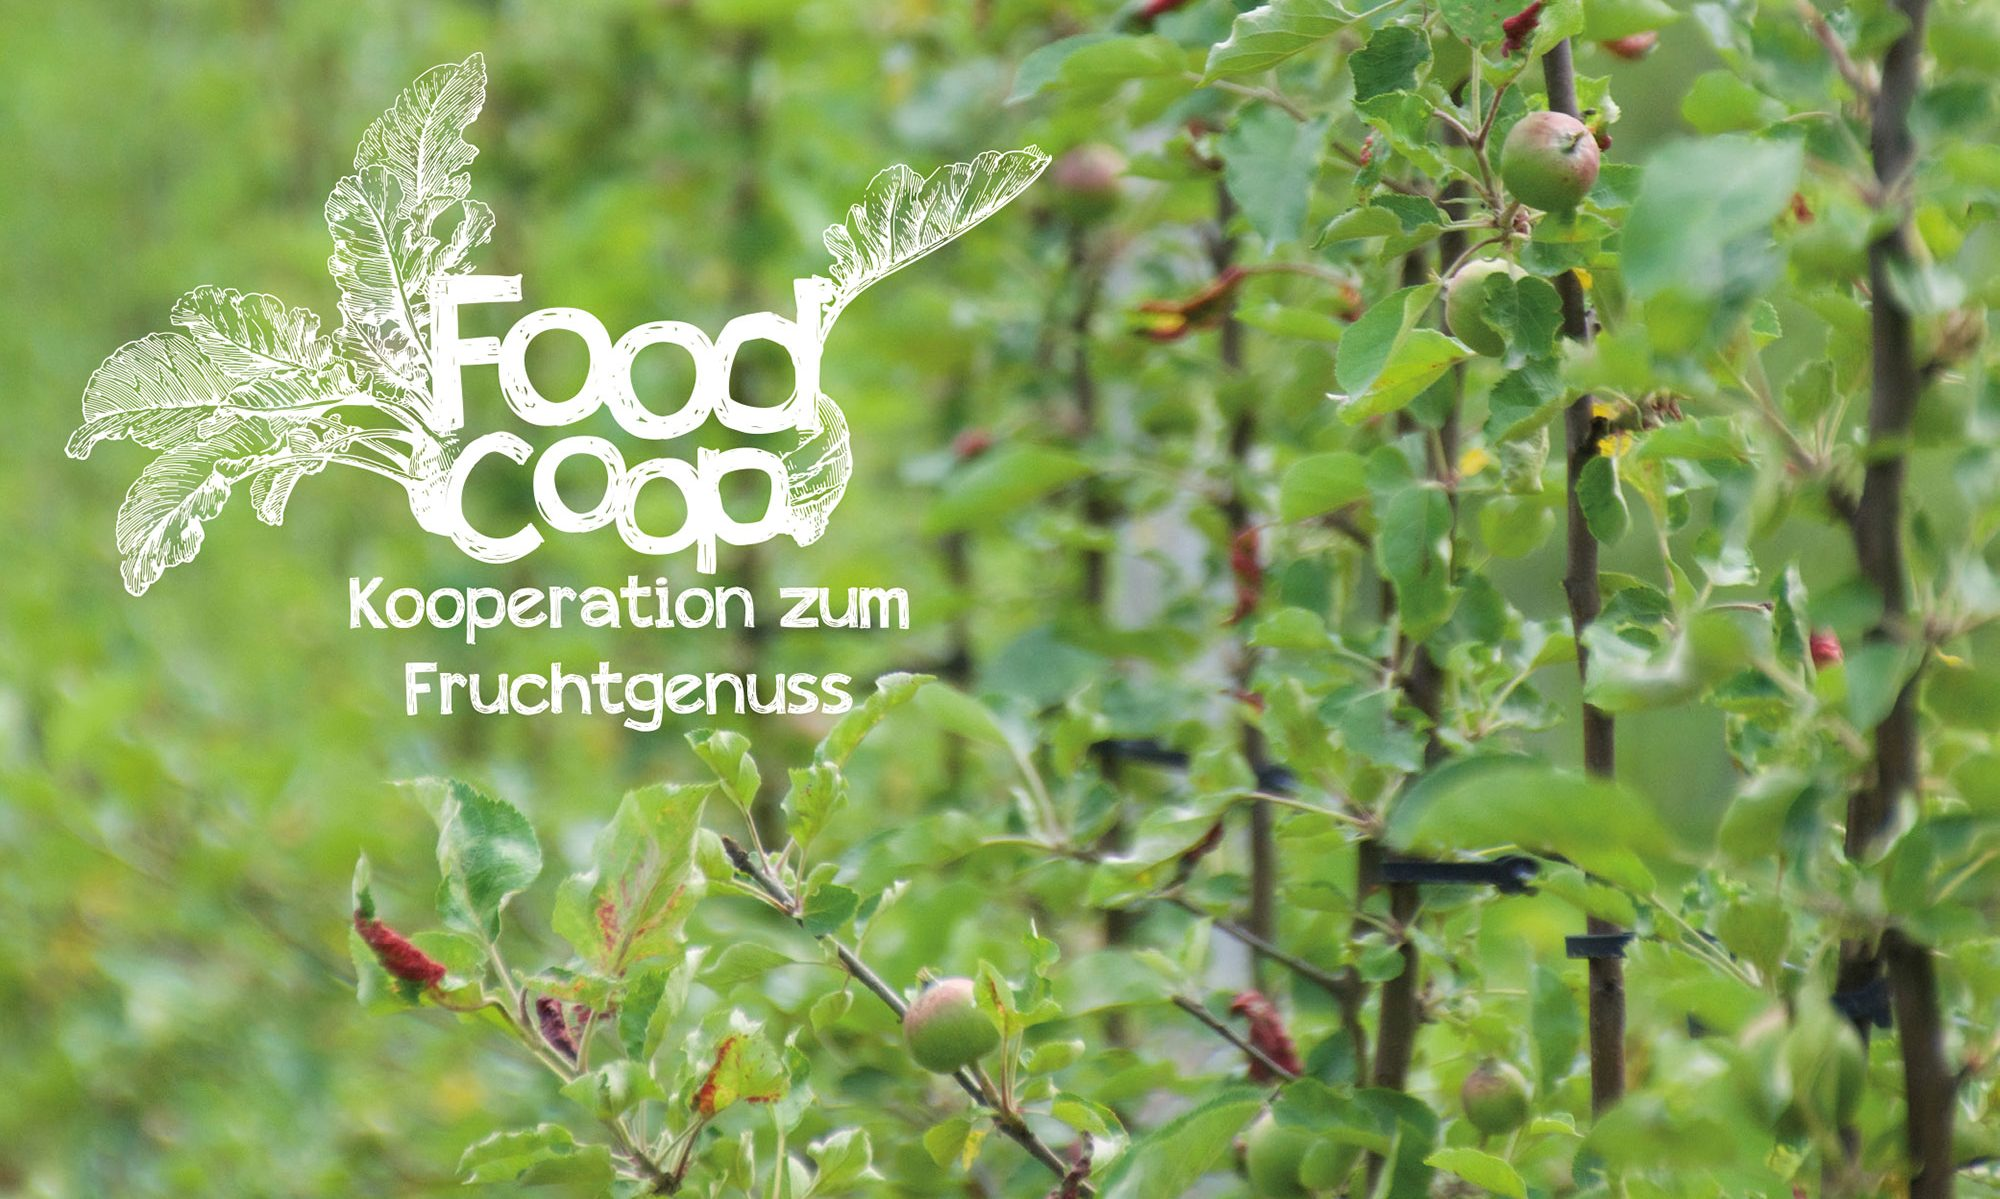 Kooperation zum Fruchtgenuss